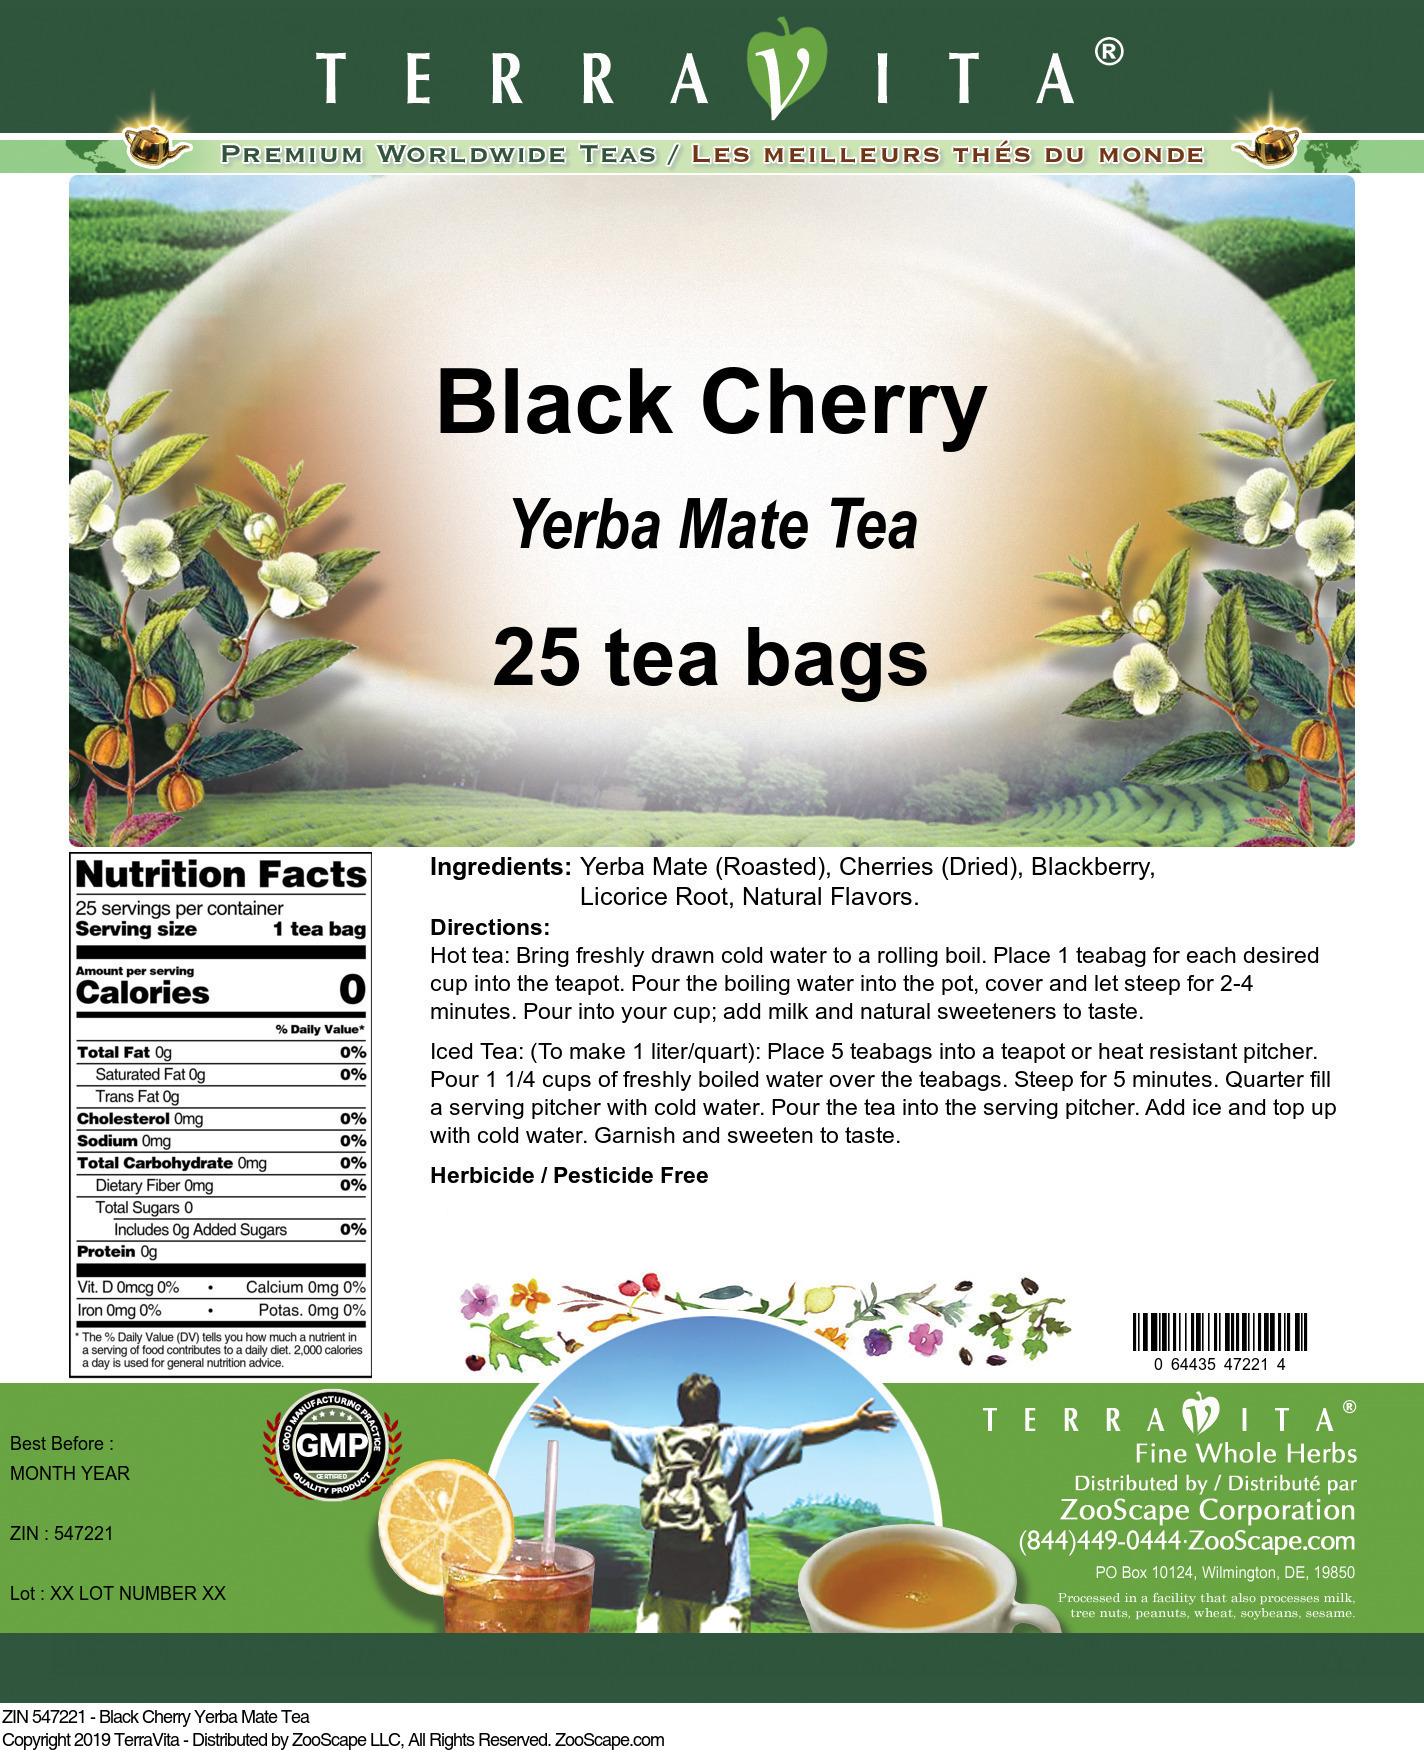 Black Cherry Yerba Mate Tea